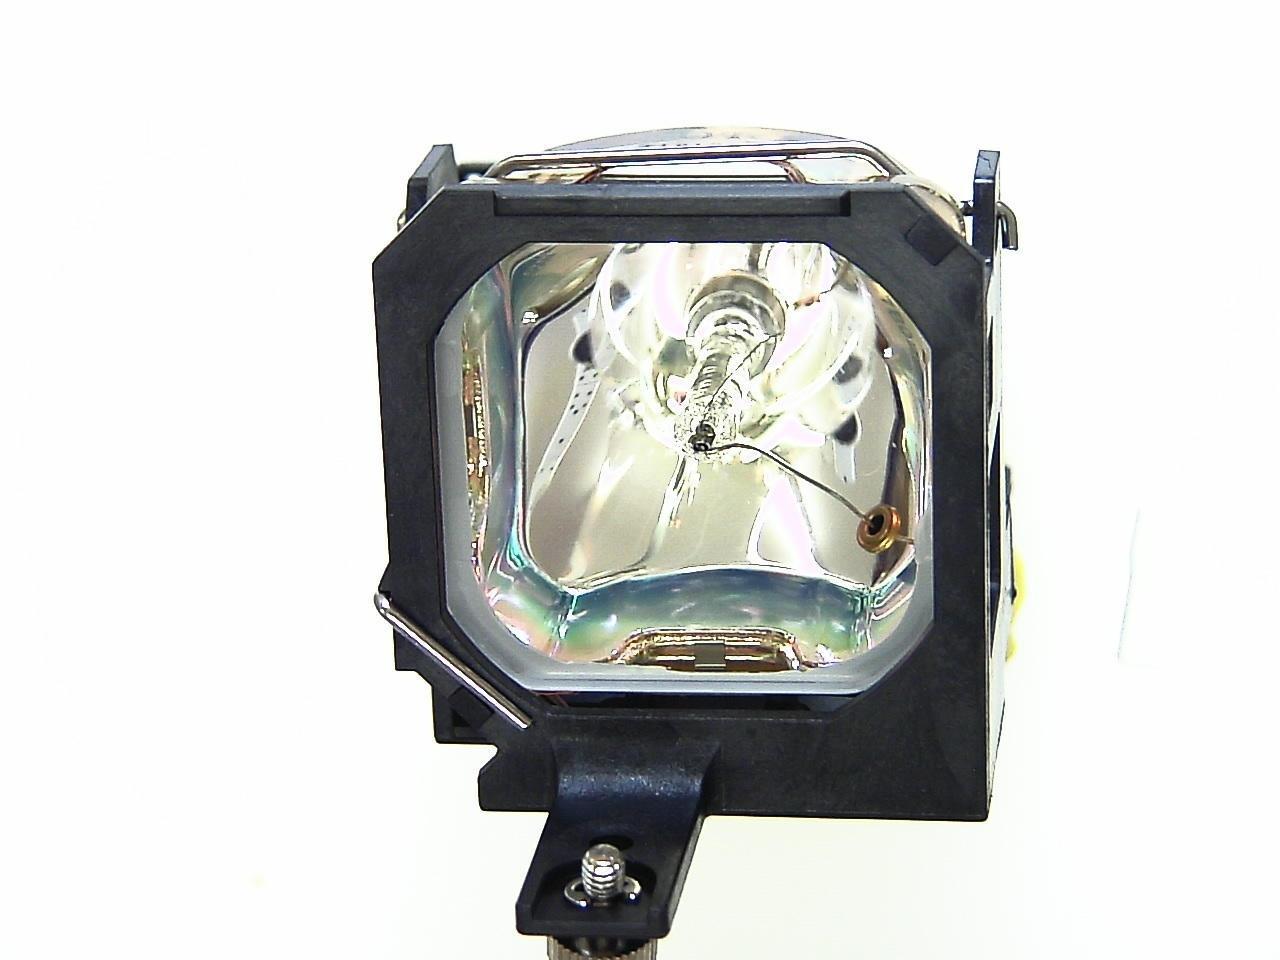 Foto Actualizado lámpara - ballasta (lastre) delta para delta av 600